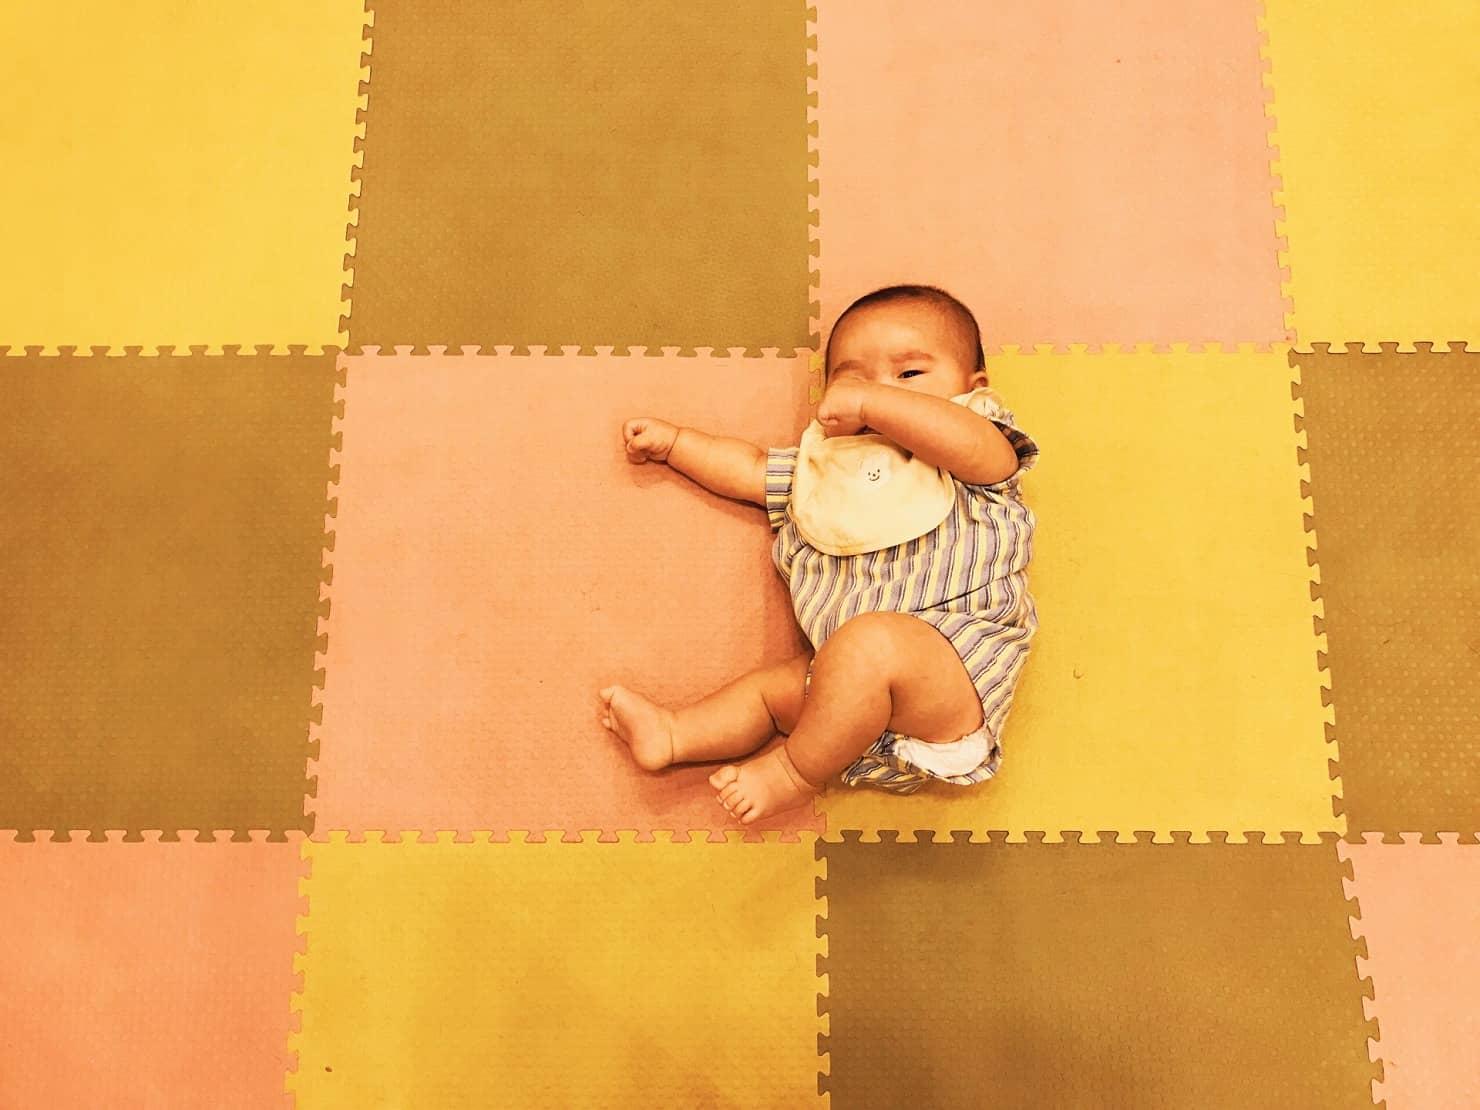 種類豊富な赤ちゃん用プレイマットの選び方! おすすめ10選を紹介